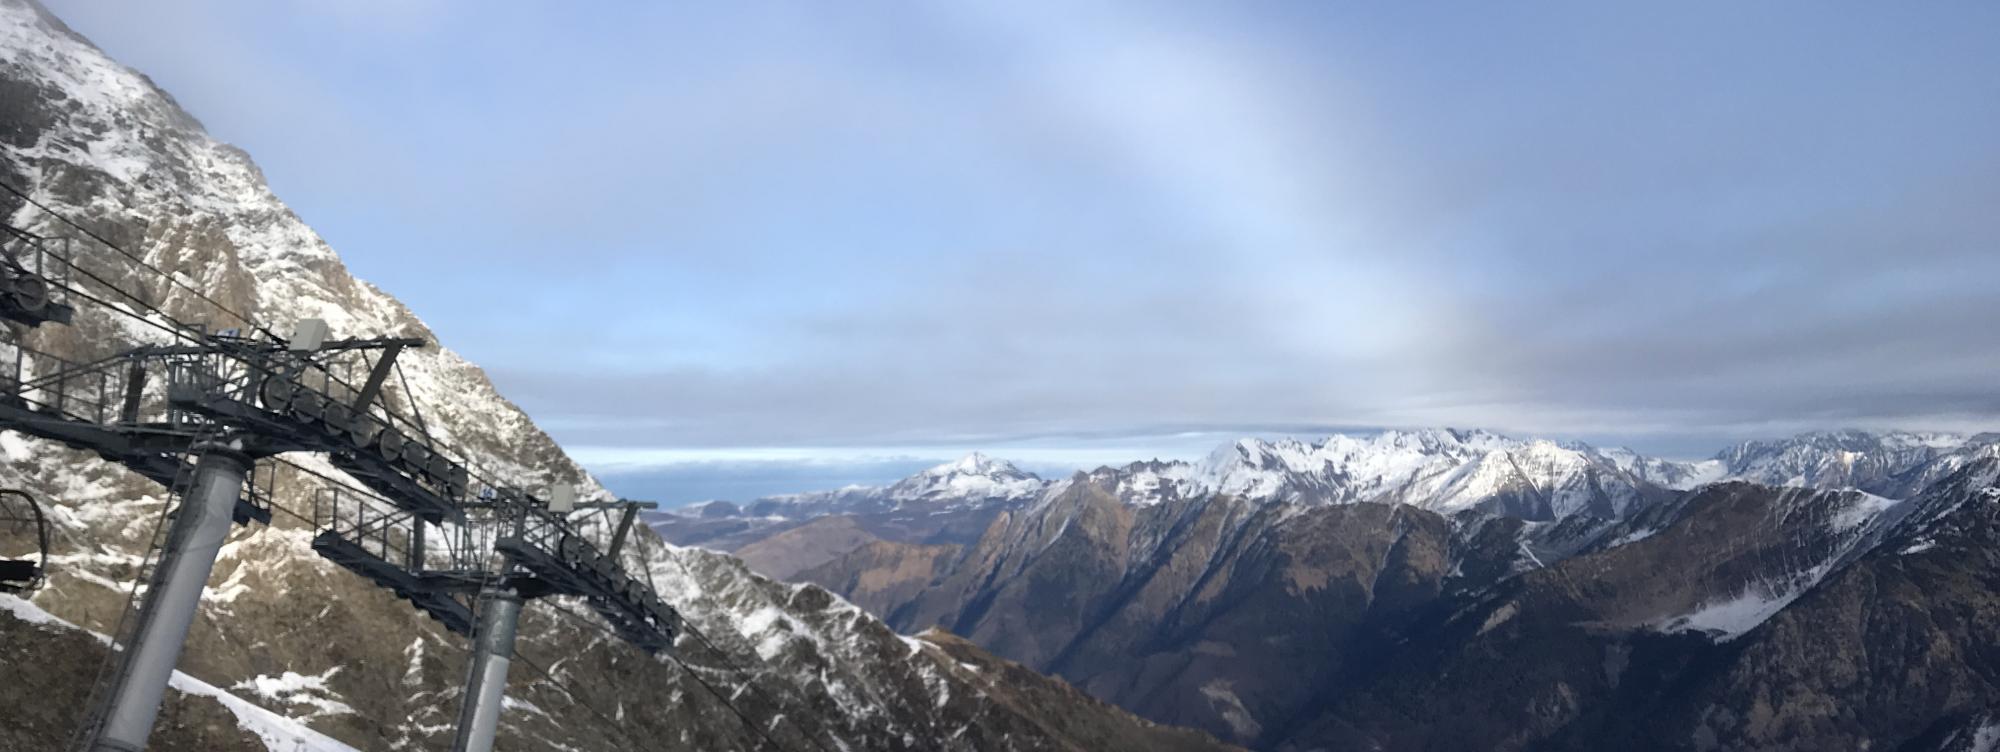 snow report FR, Cauterets (65)